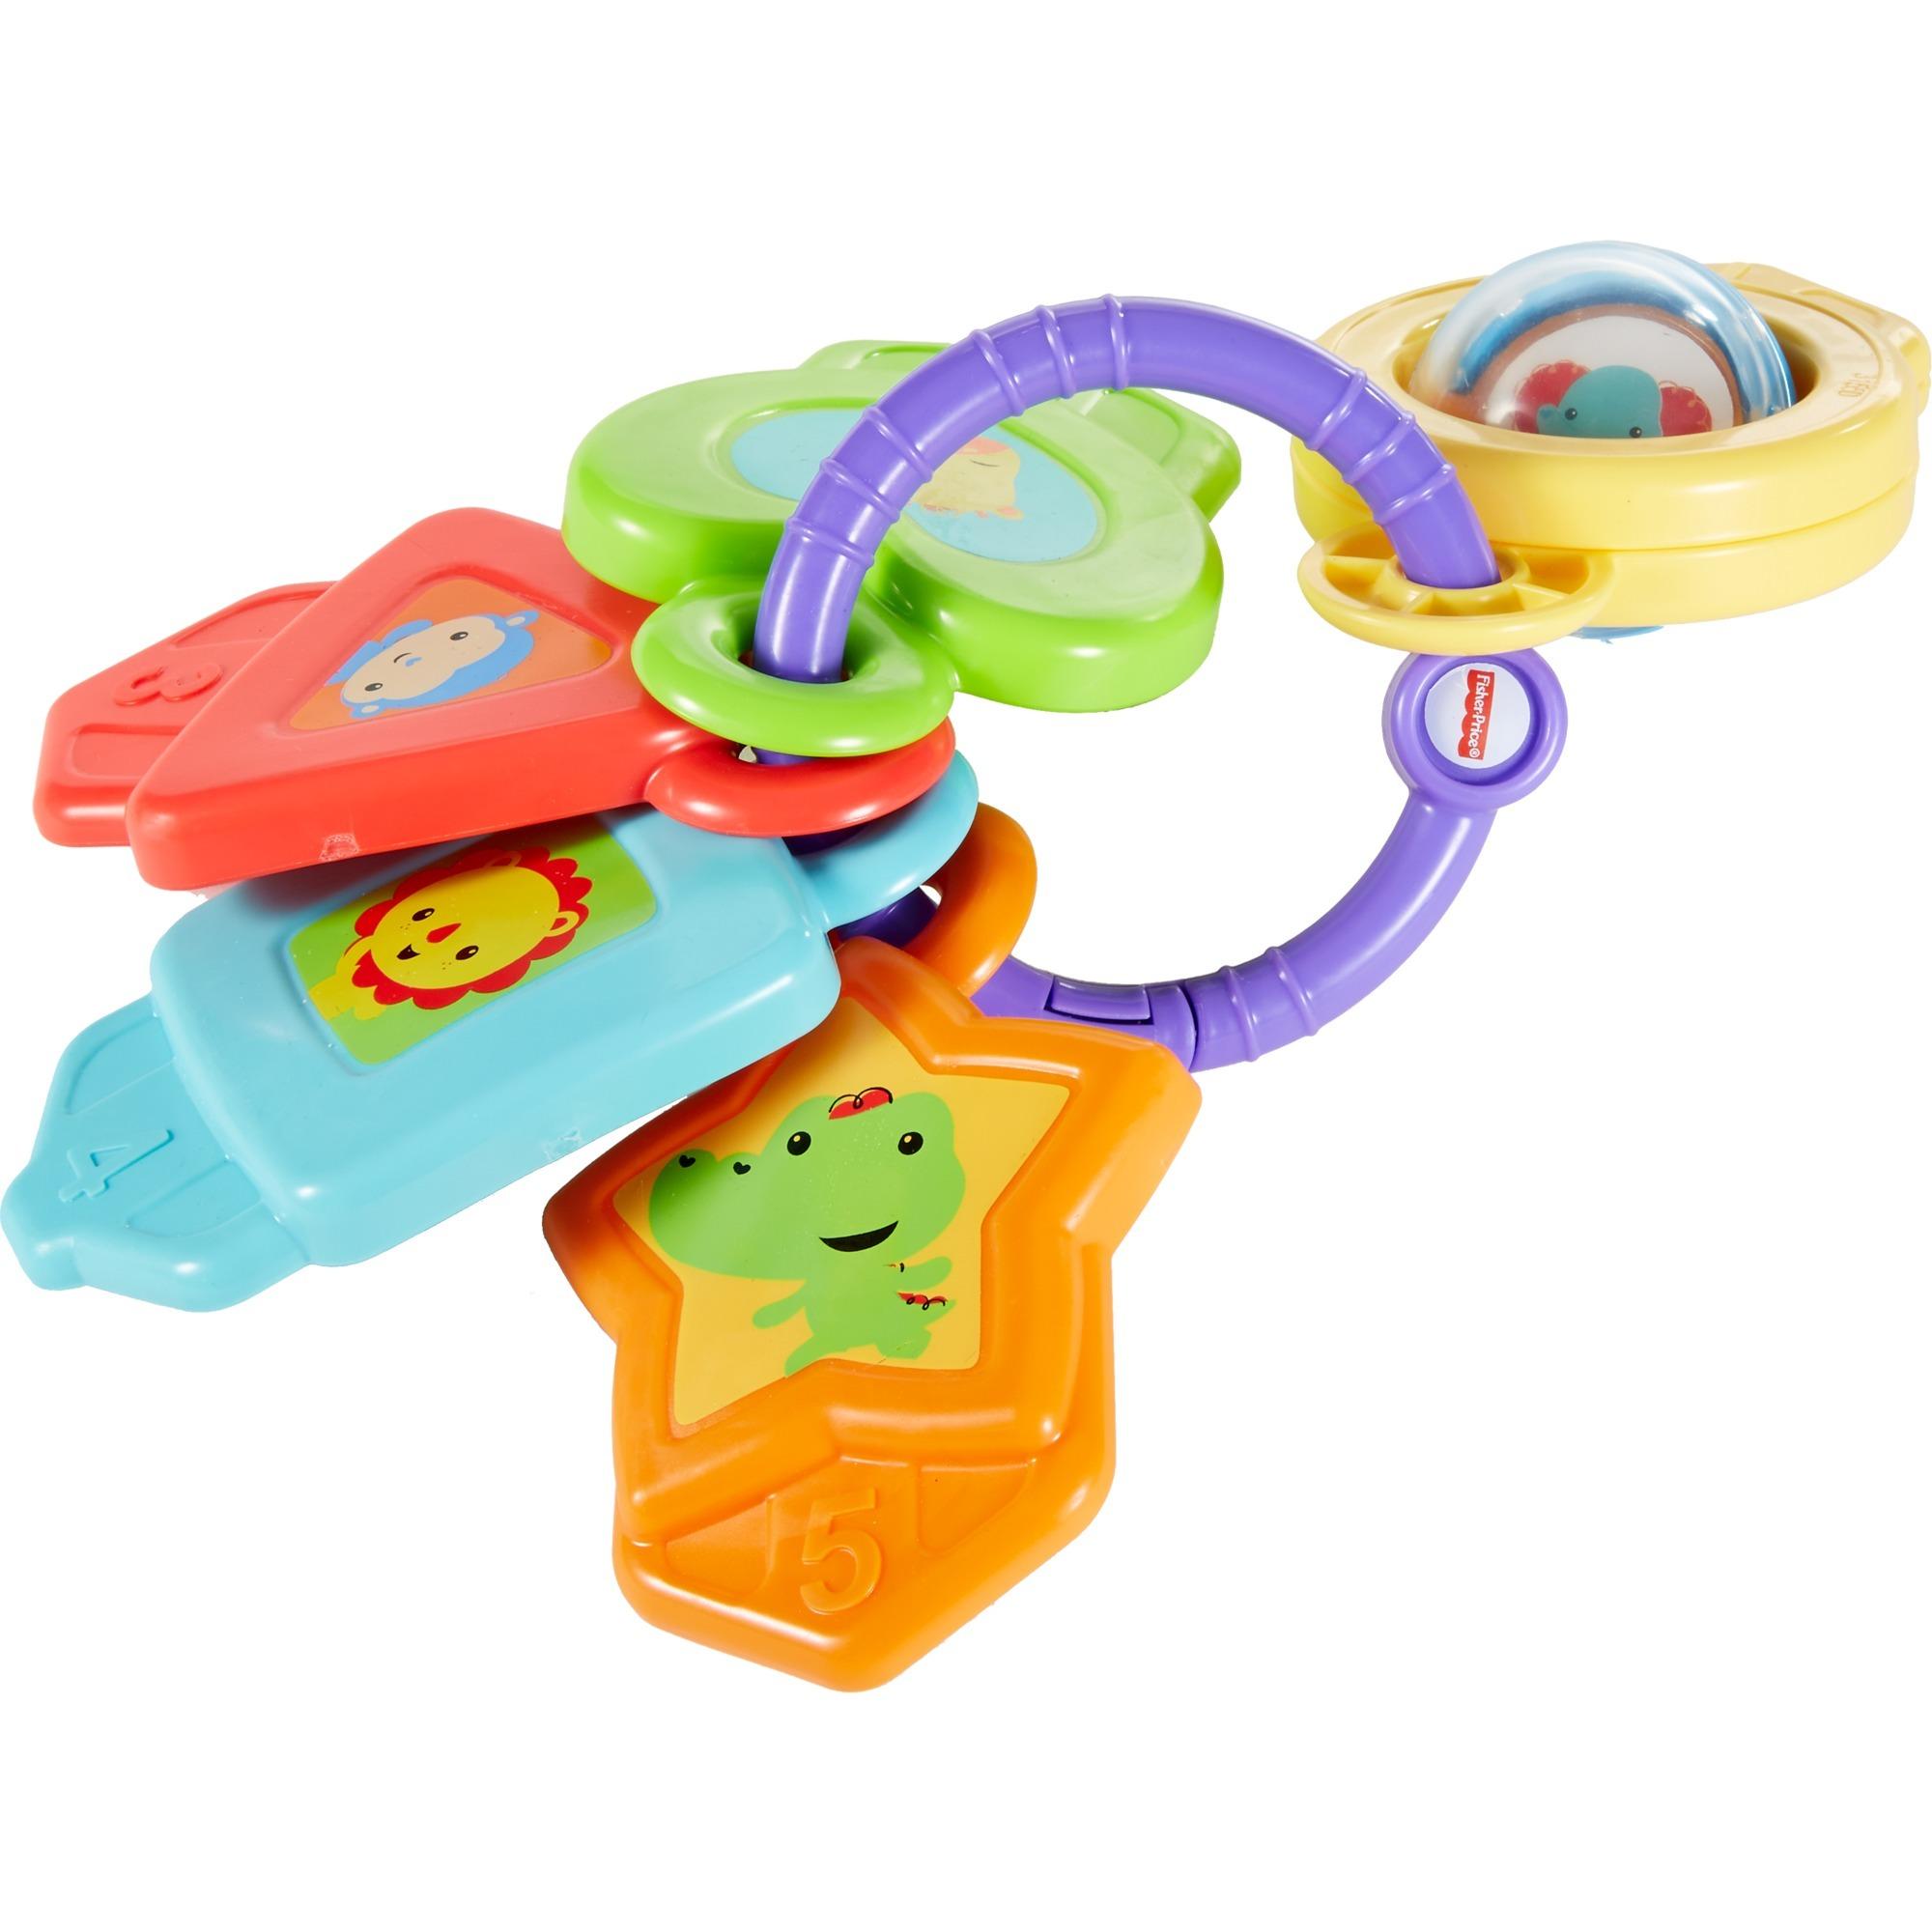 CMY40 Multicolor juguete colgantes para bebé, Juego de destreza